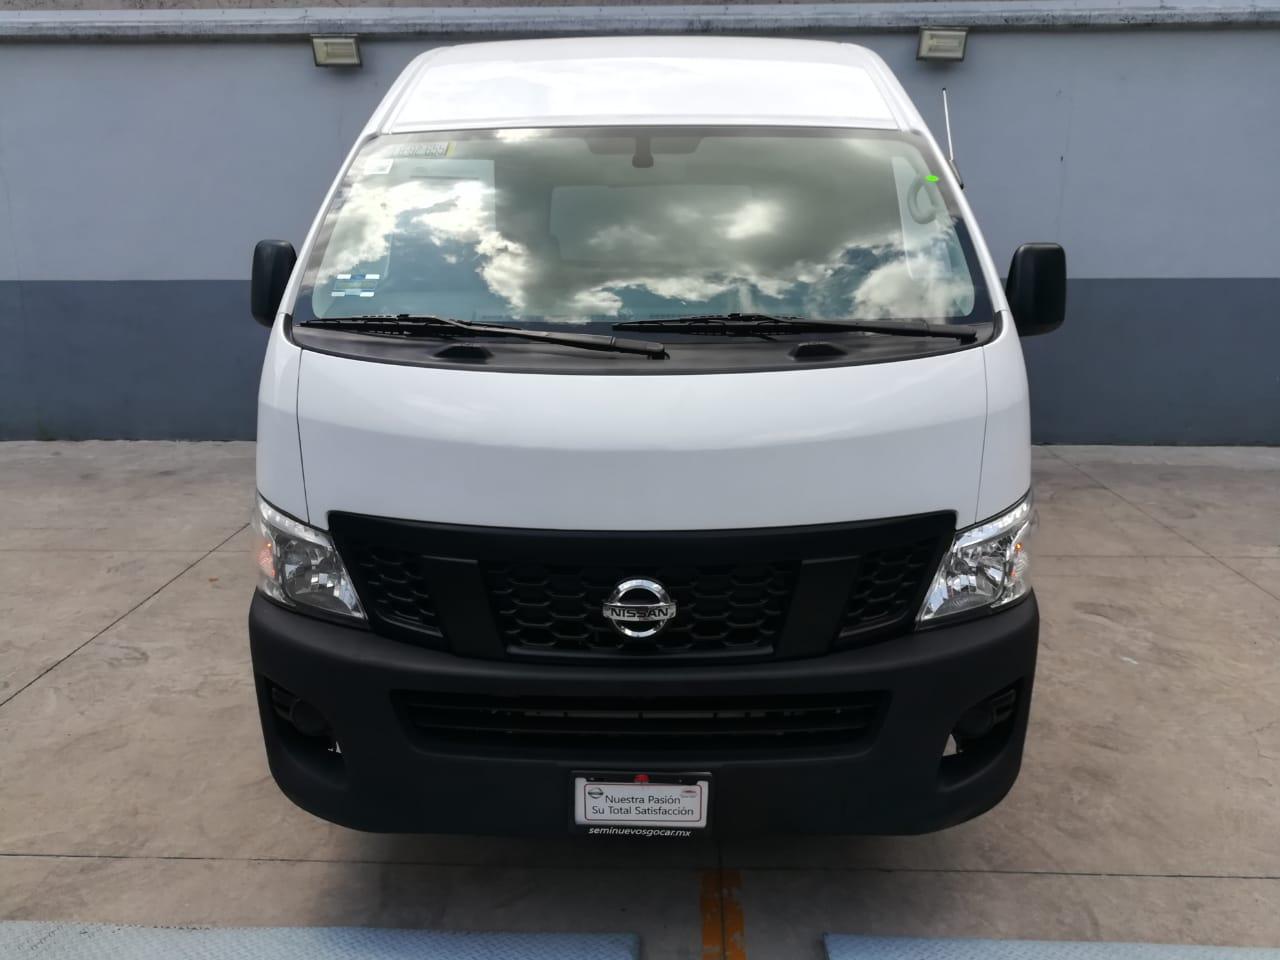 Nissan Urvan NV350 URVAN PANEL AMPLIA A/A T/M